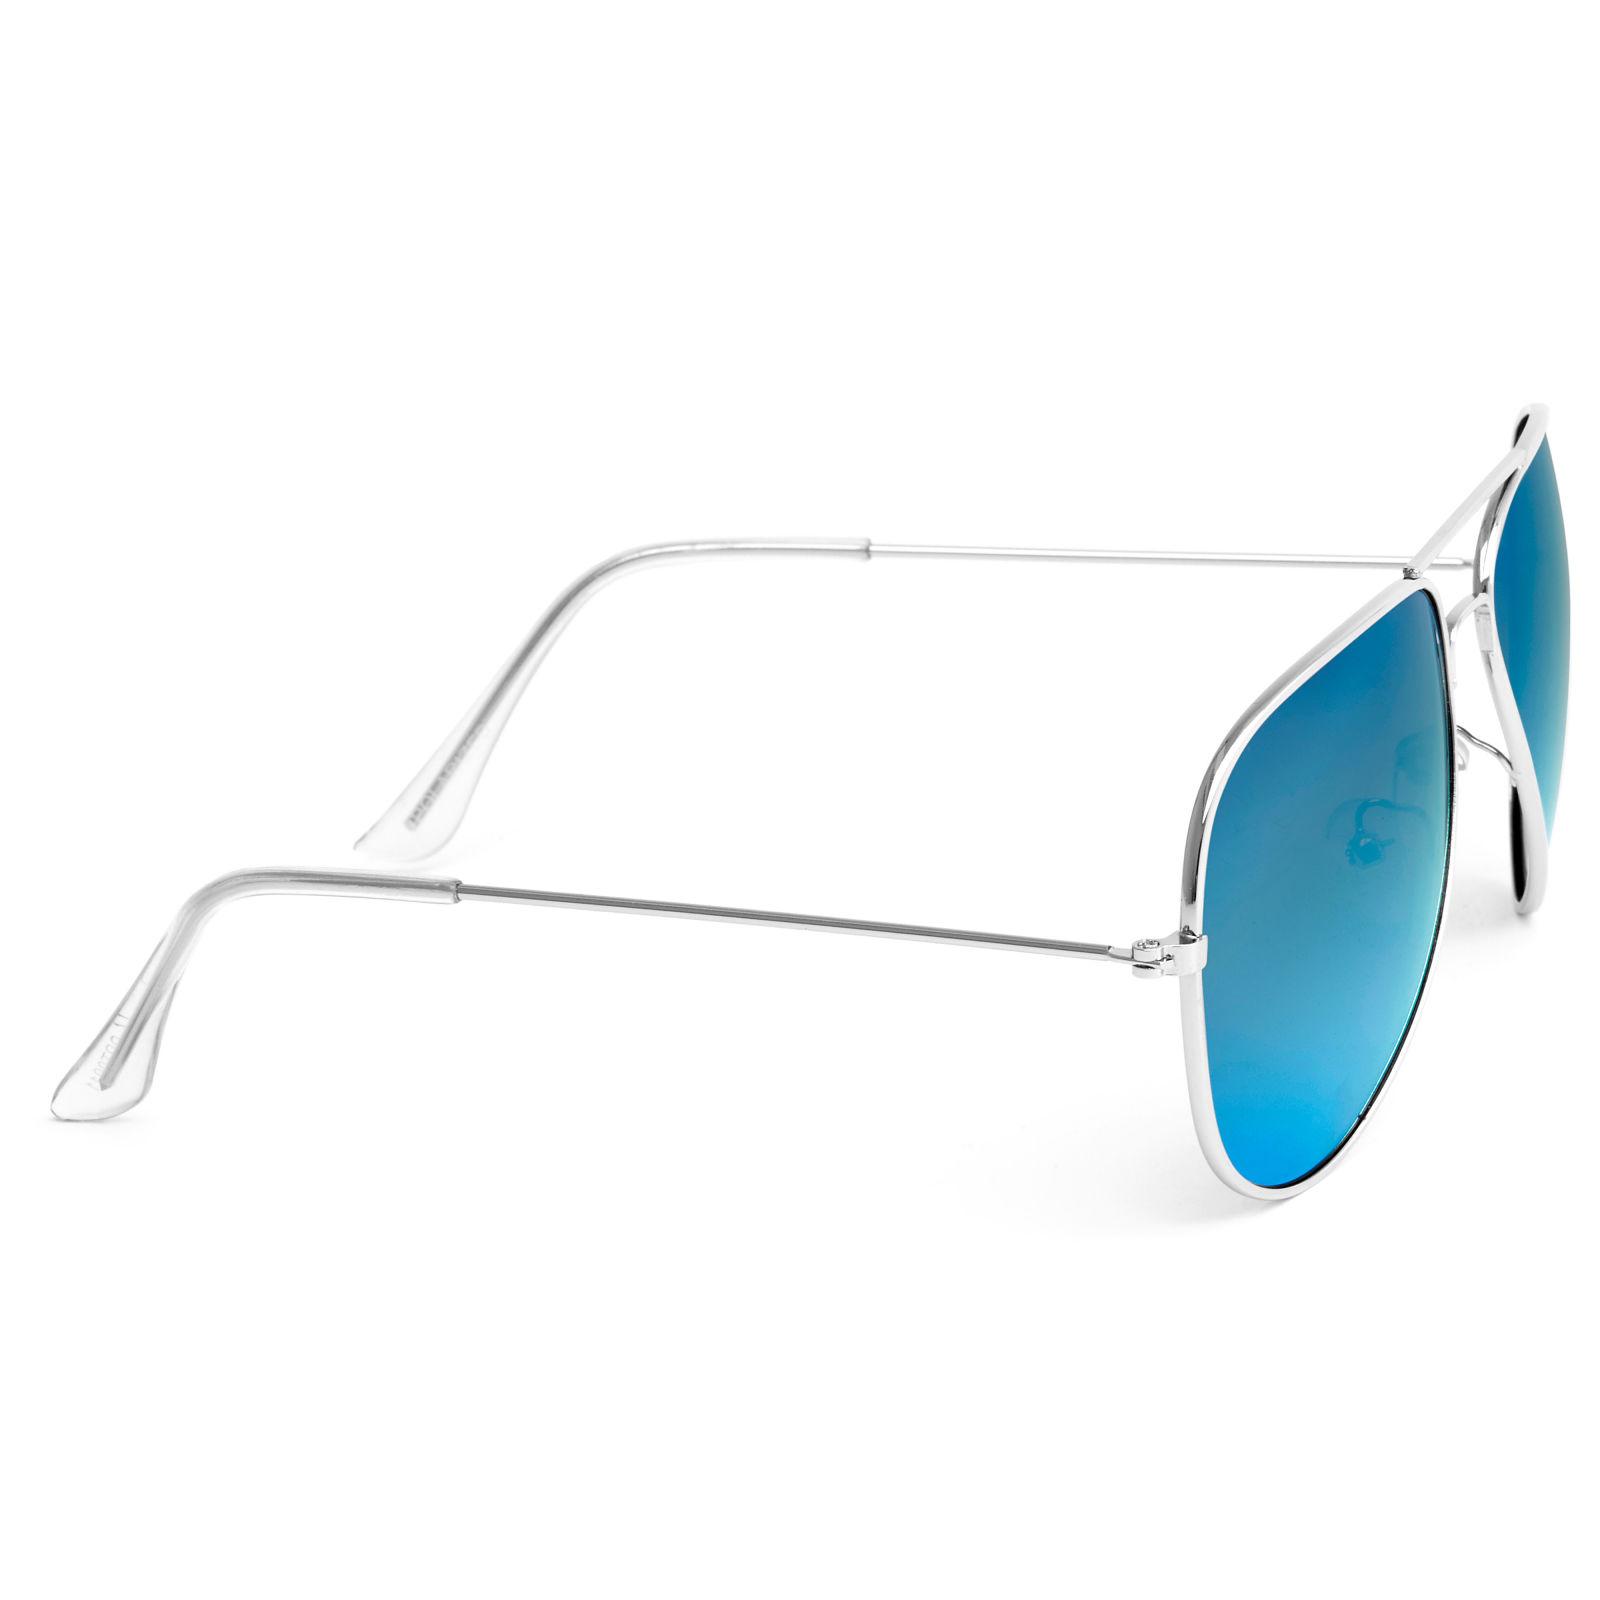 Arany és kék színű polarizált pilóta napszemüveg  6d7441bdff